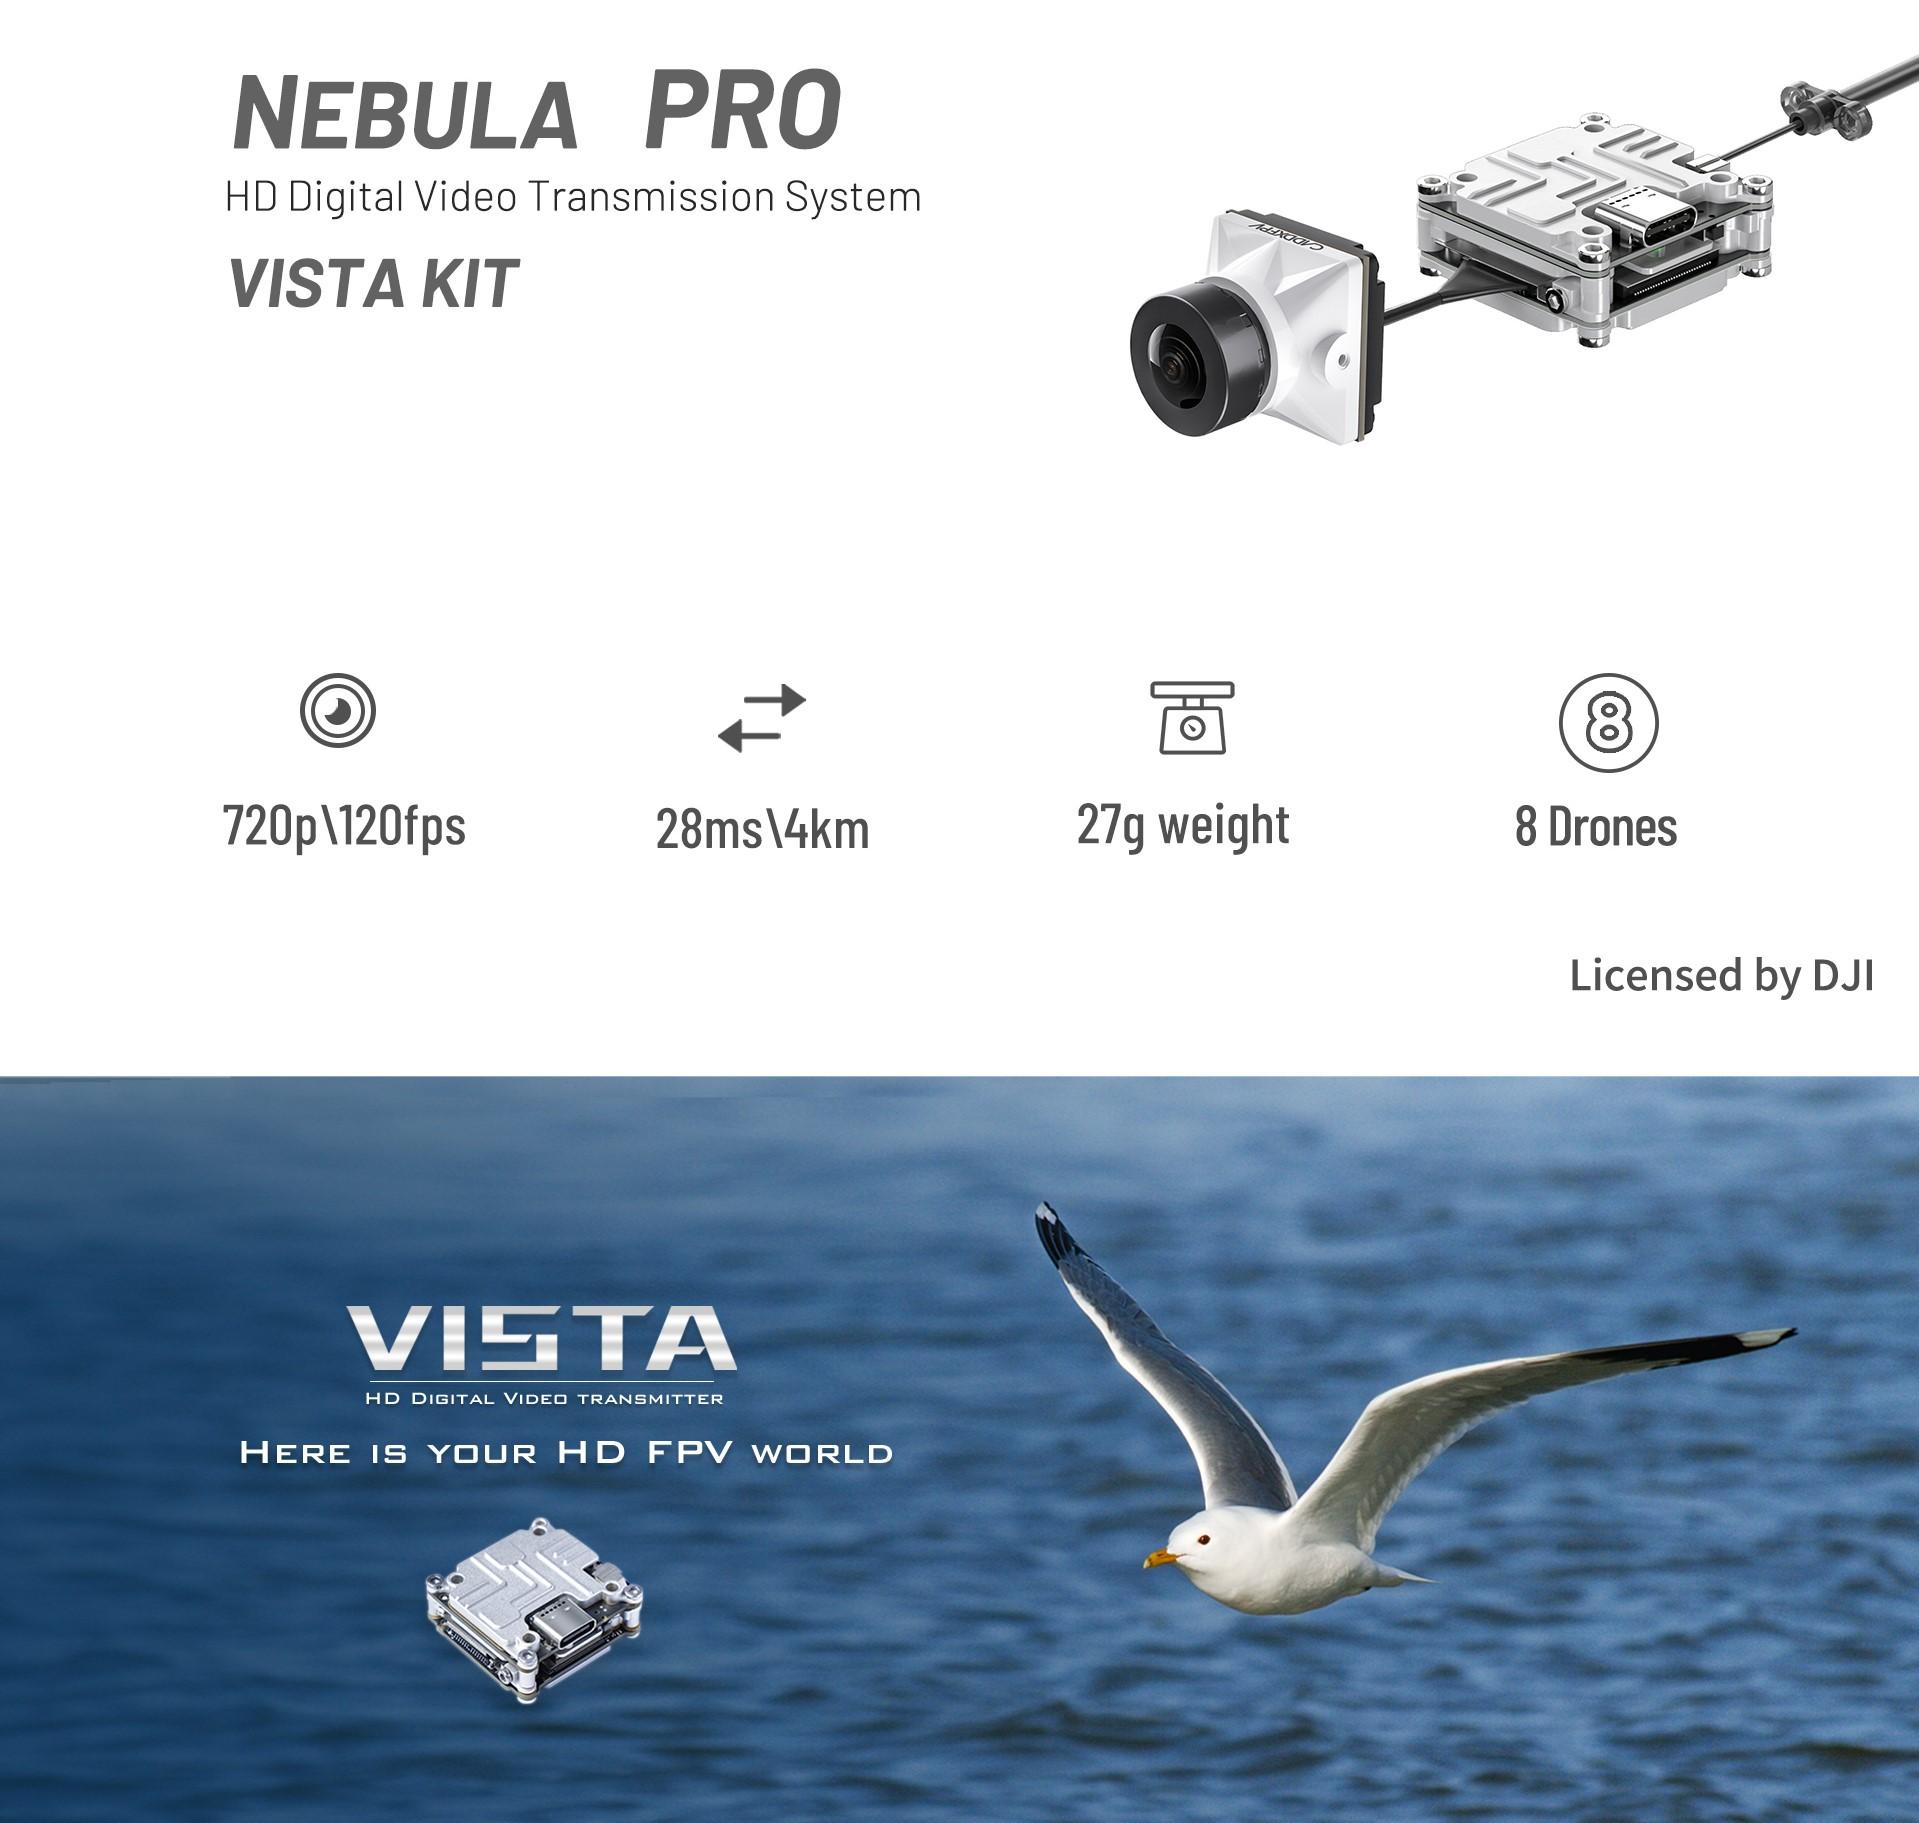 Caddx Nebula Pro Vista Kit HD Digital FPV